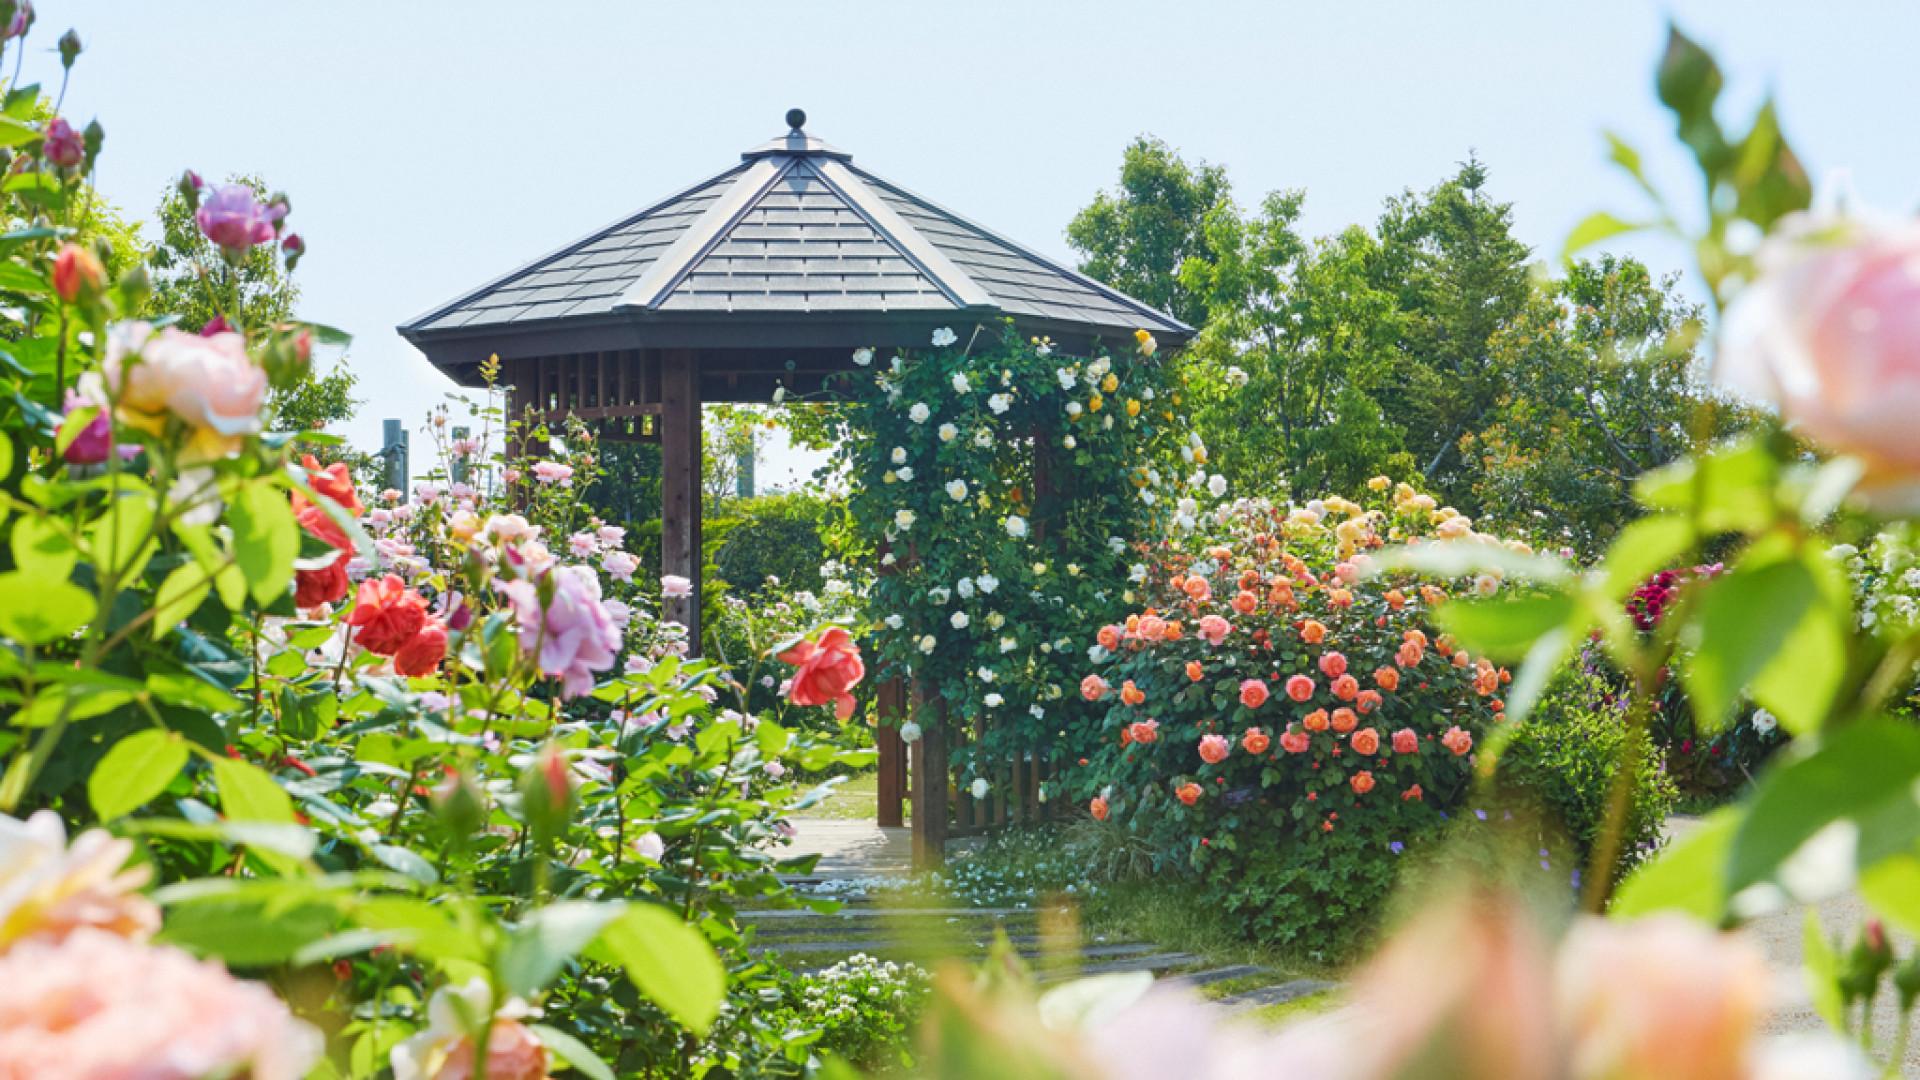 ศูนย์ดอกไม้และพรรณไม้แห่งจังหวัดคะนะงะวะ, สวนคะนะ (ผักและดอกไม้)